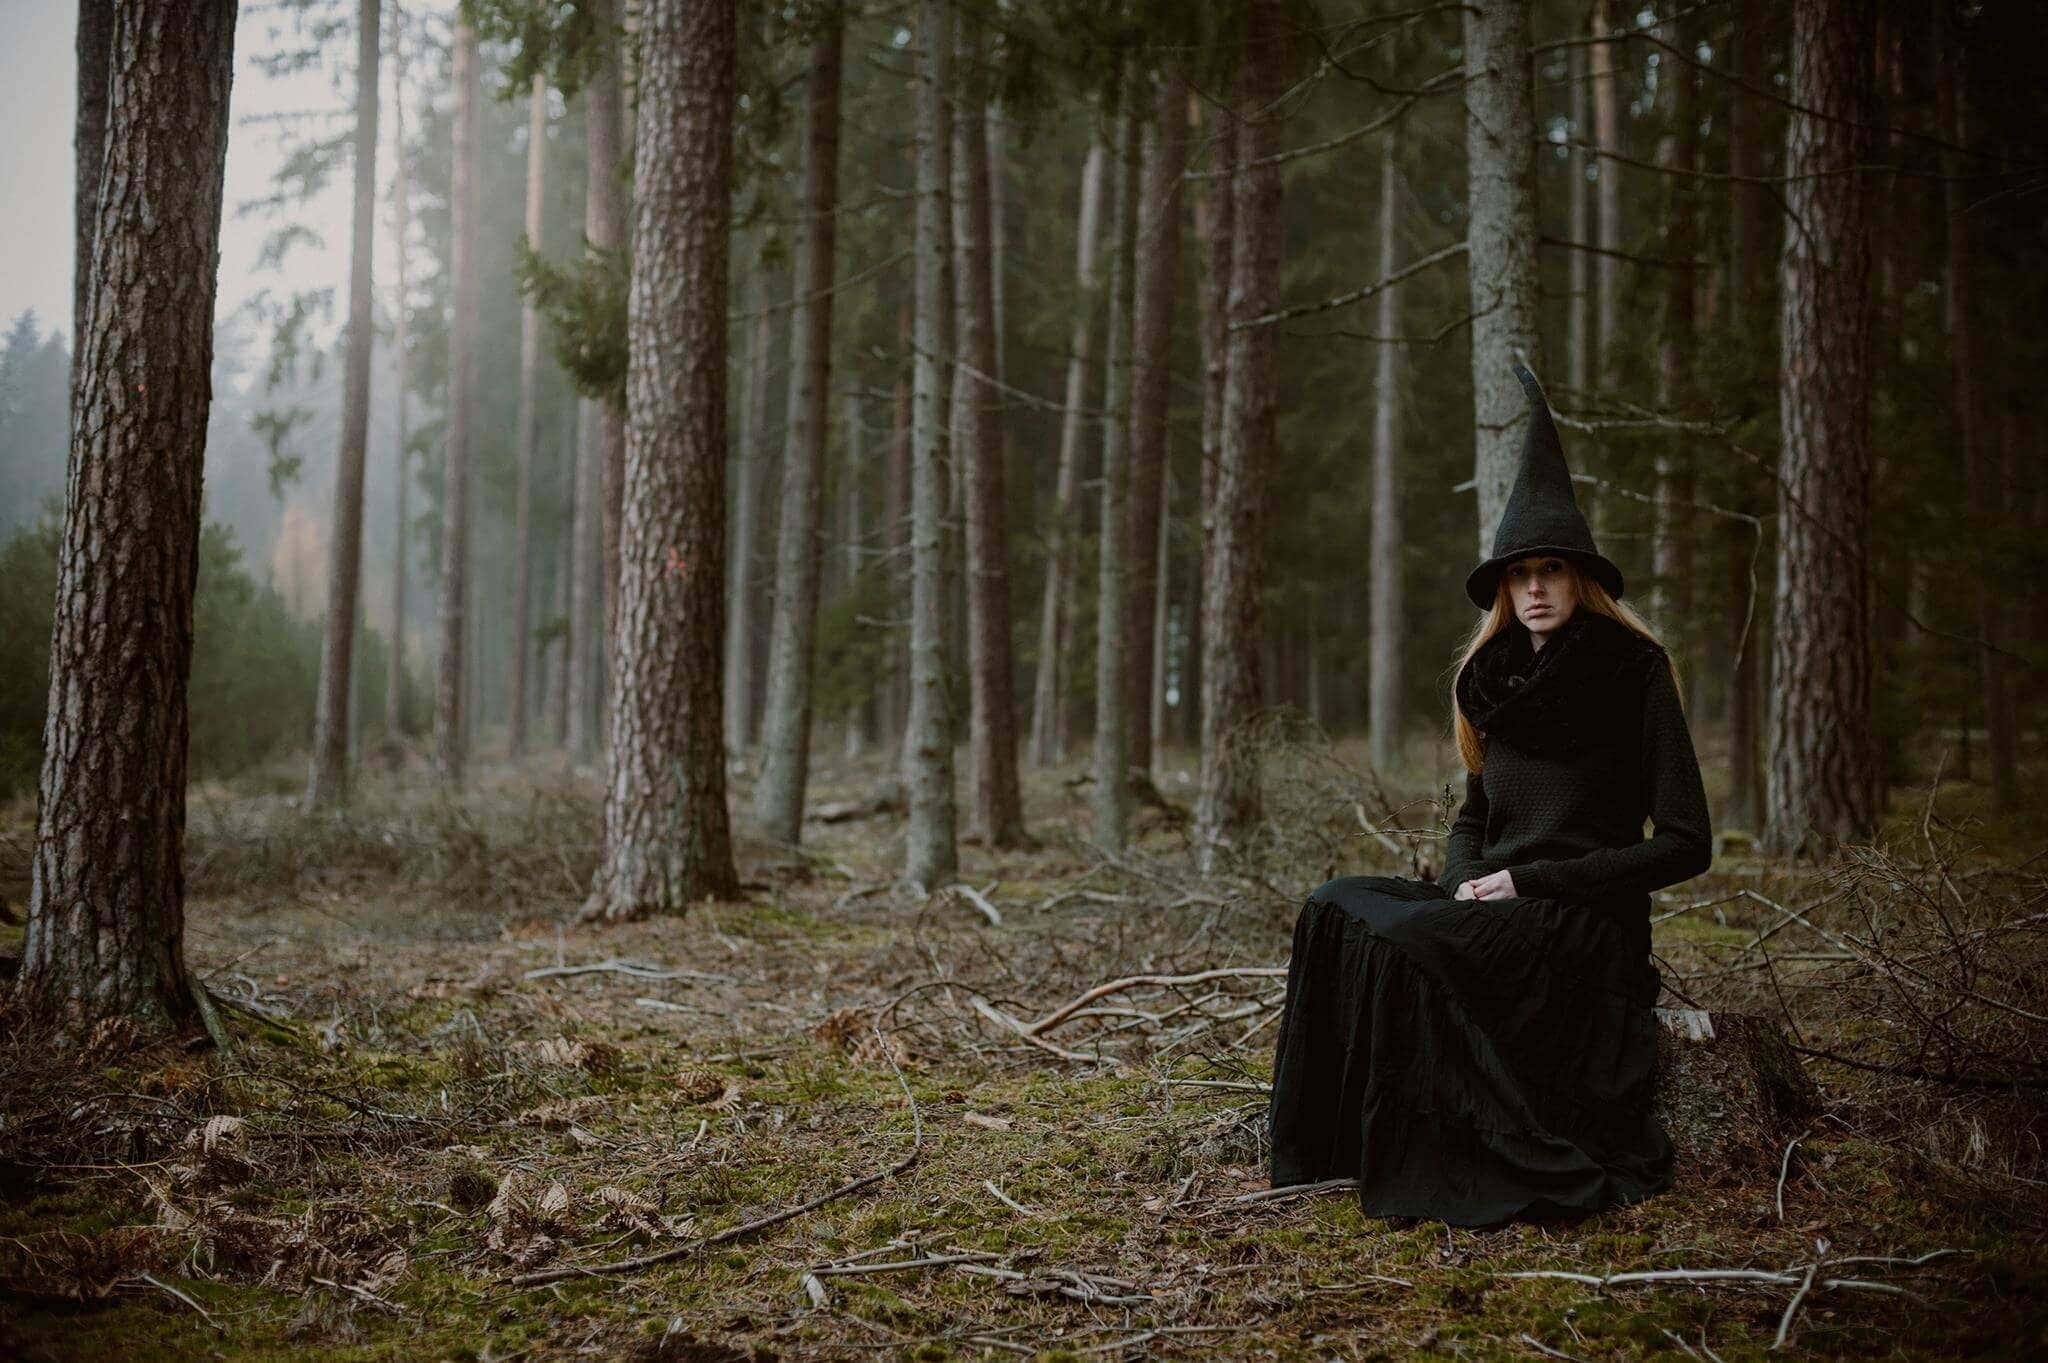 dziewczyna w czapce wiedźmy w lesie